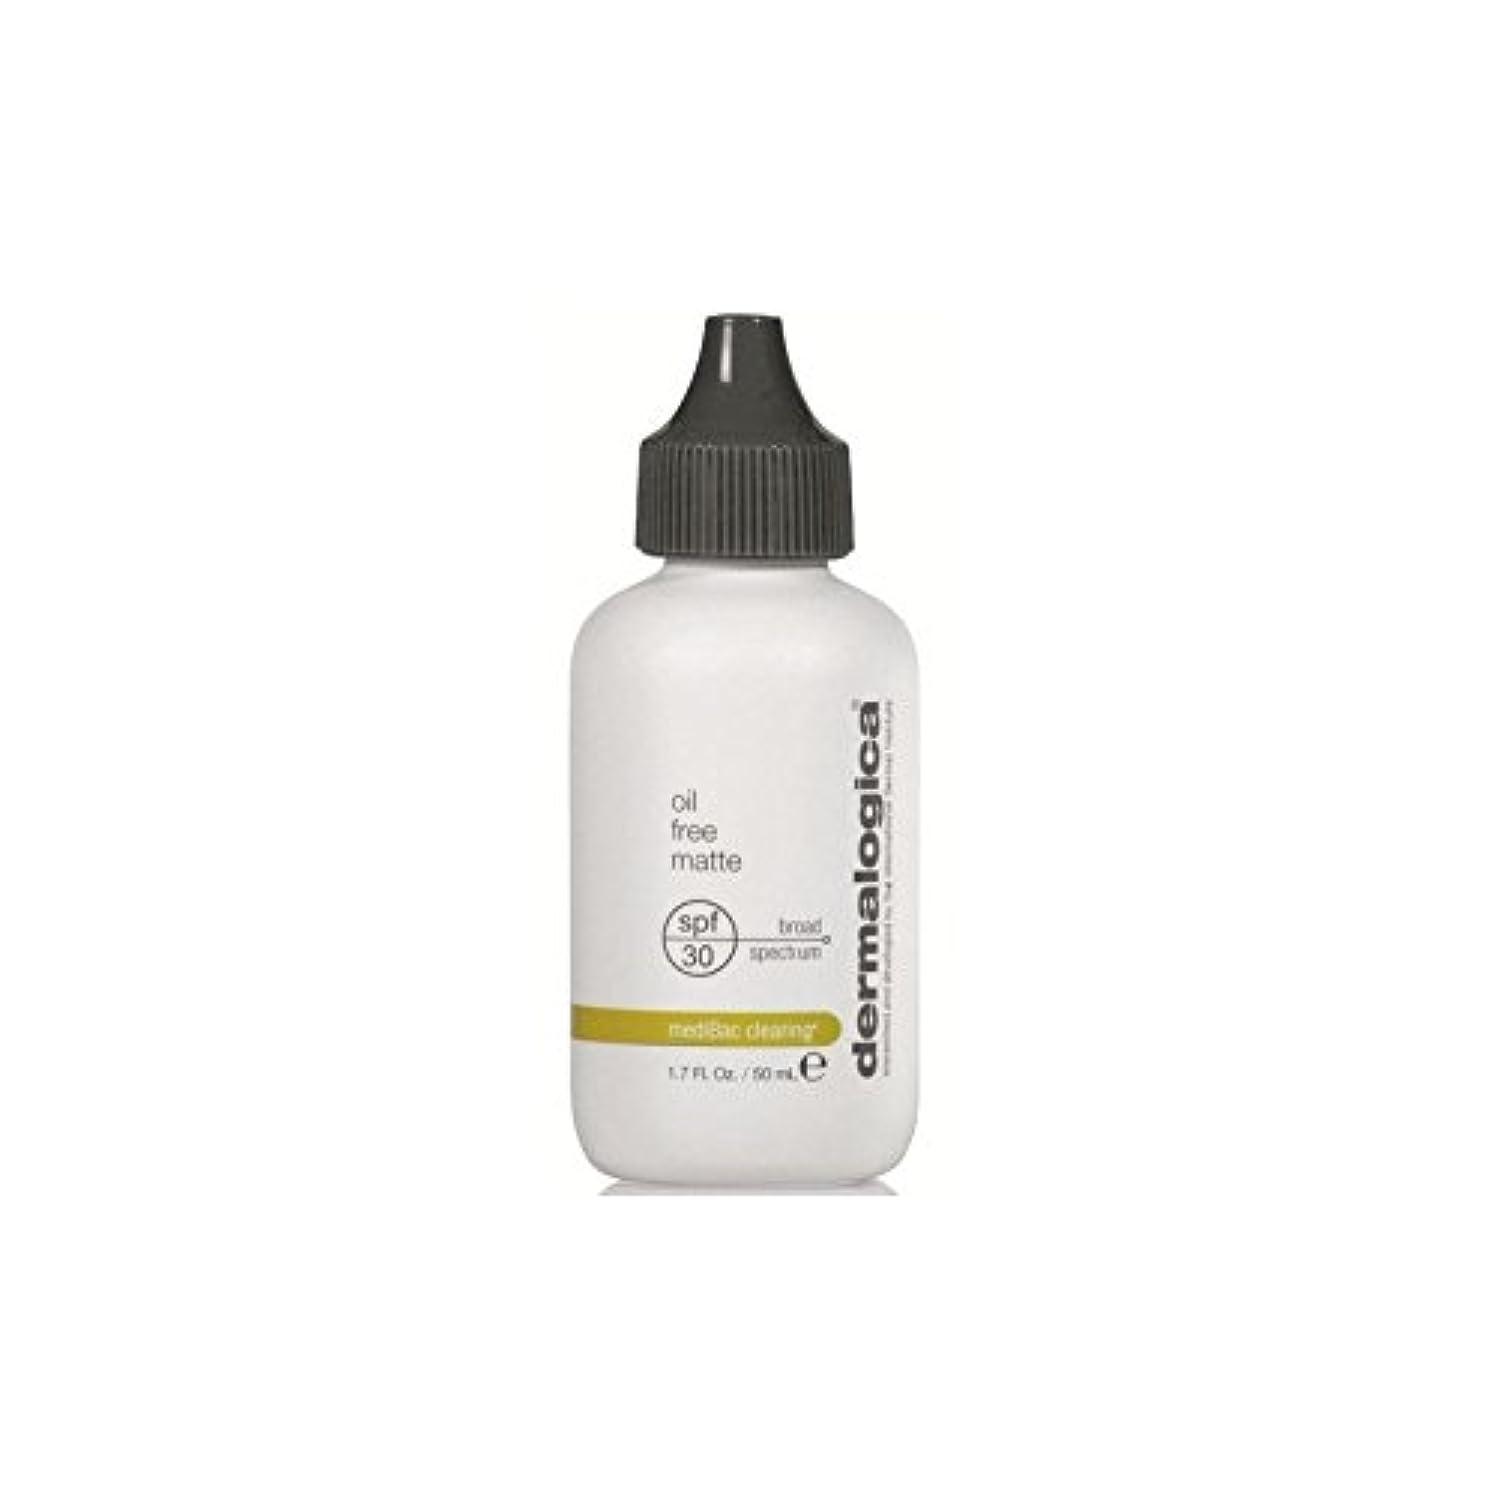 市場ミシン目交流するDermalogica Oil-Free Matte Spf 30 - ダーマロジカオイルフリーマット 30 [並行輸入品]